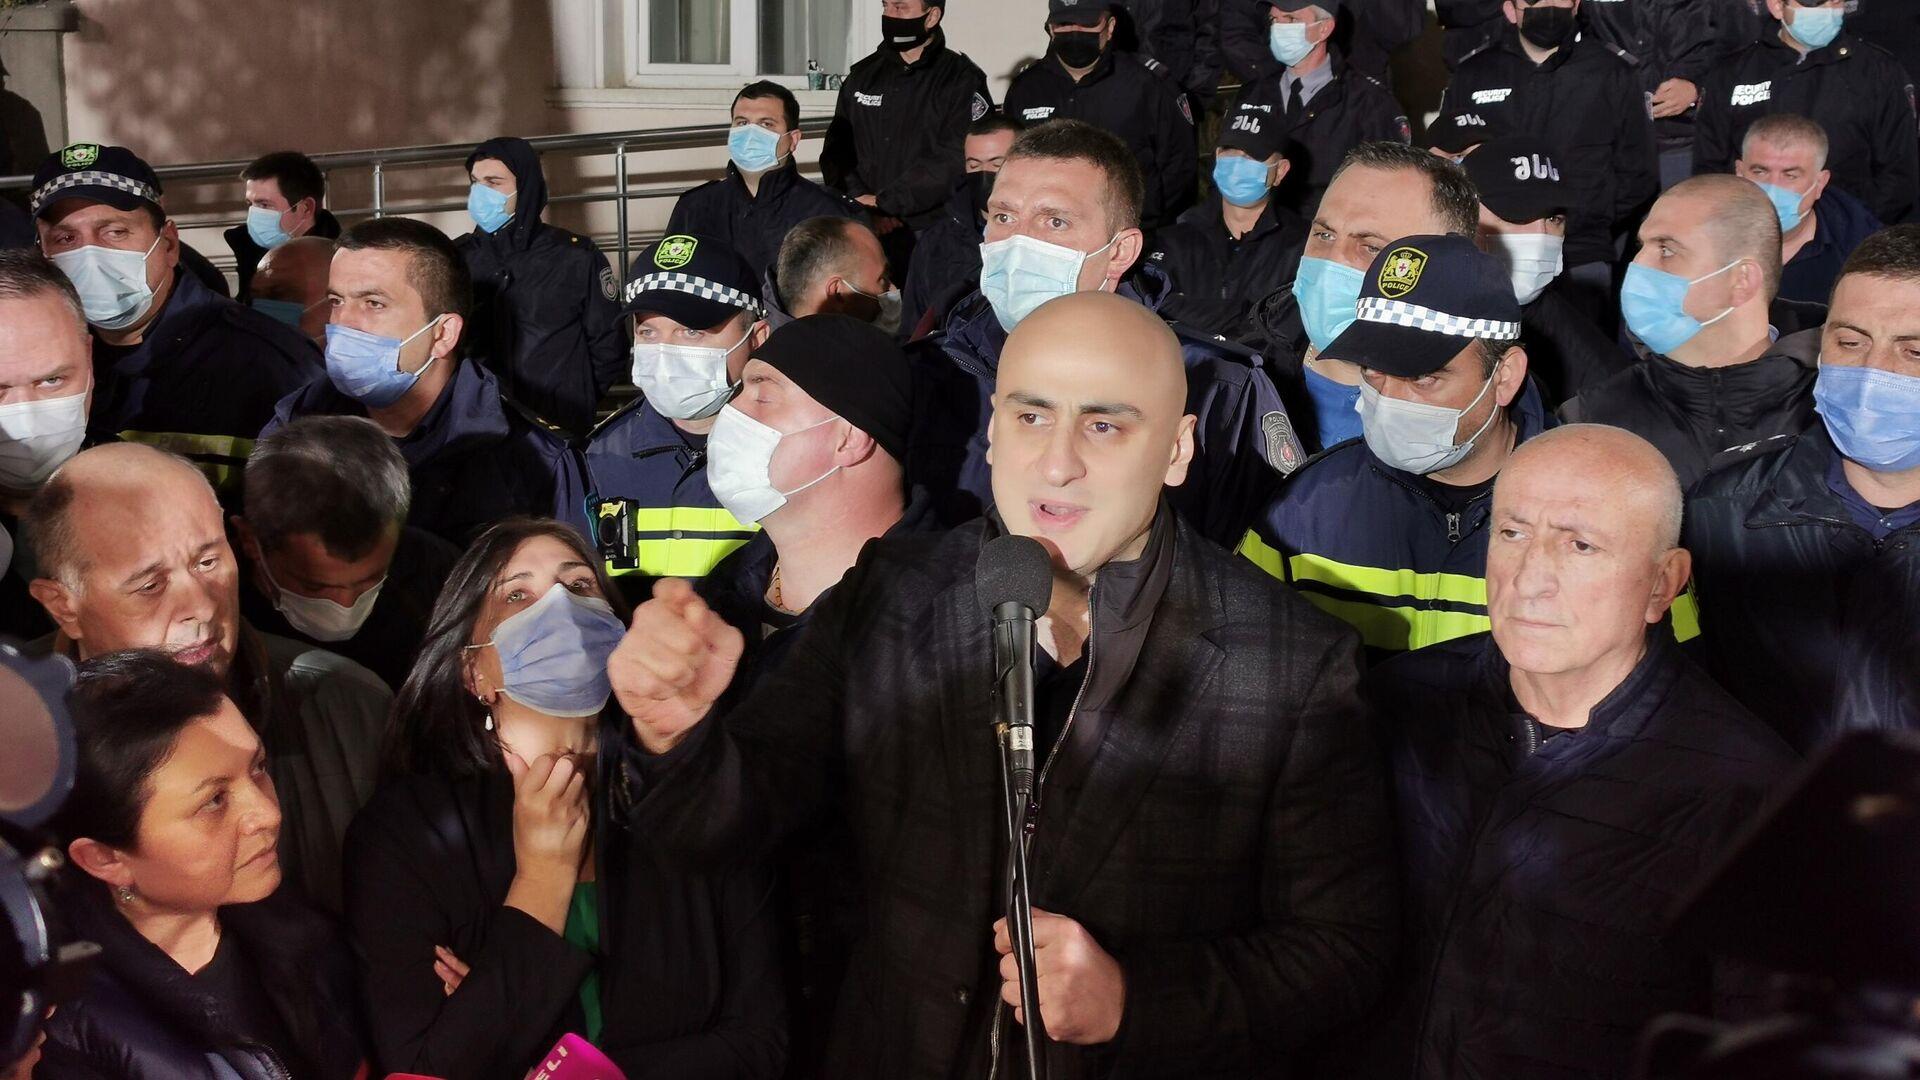 Ника Мелия. Акция протеста сторонников ЕНД в Зугдиди 9 октября 2021 года - Sputnik Грузия, 1920, 09.10.2021